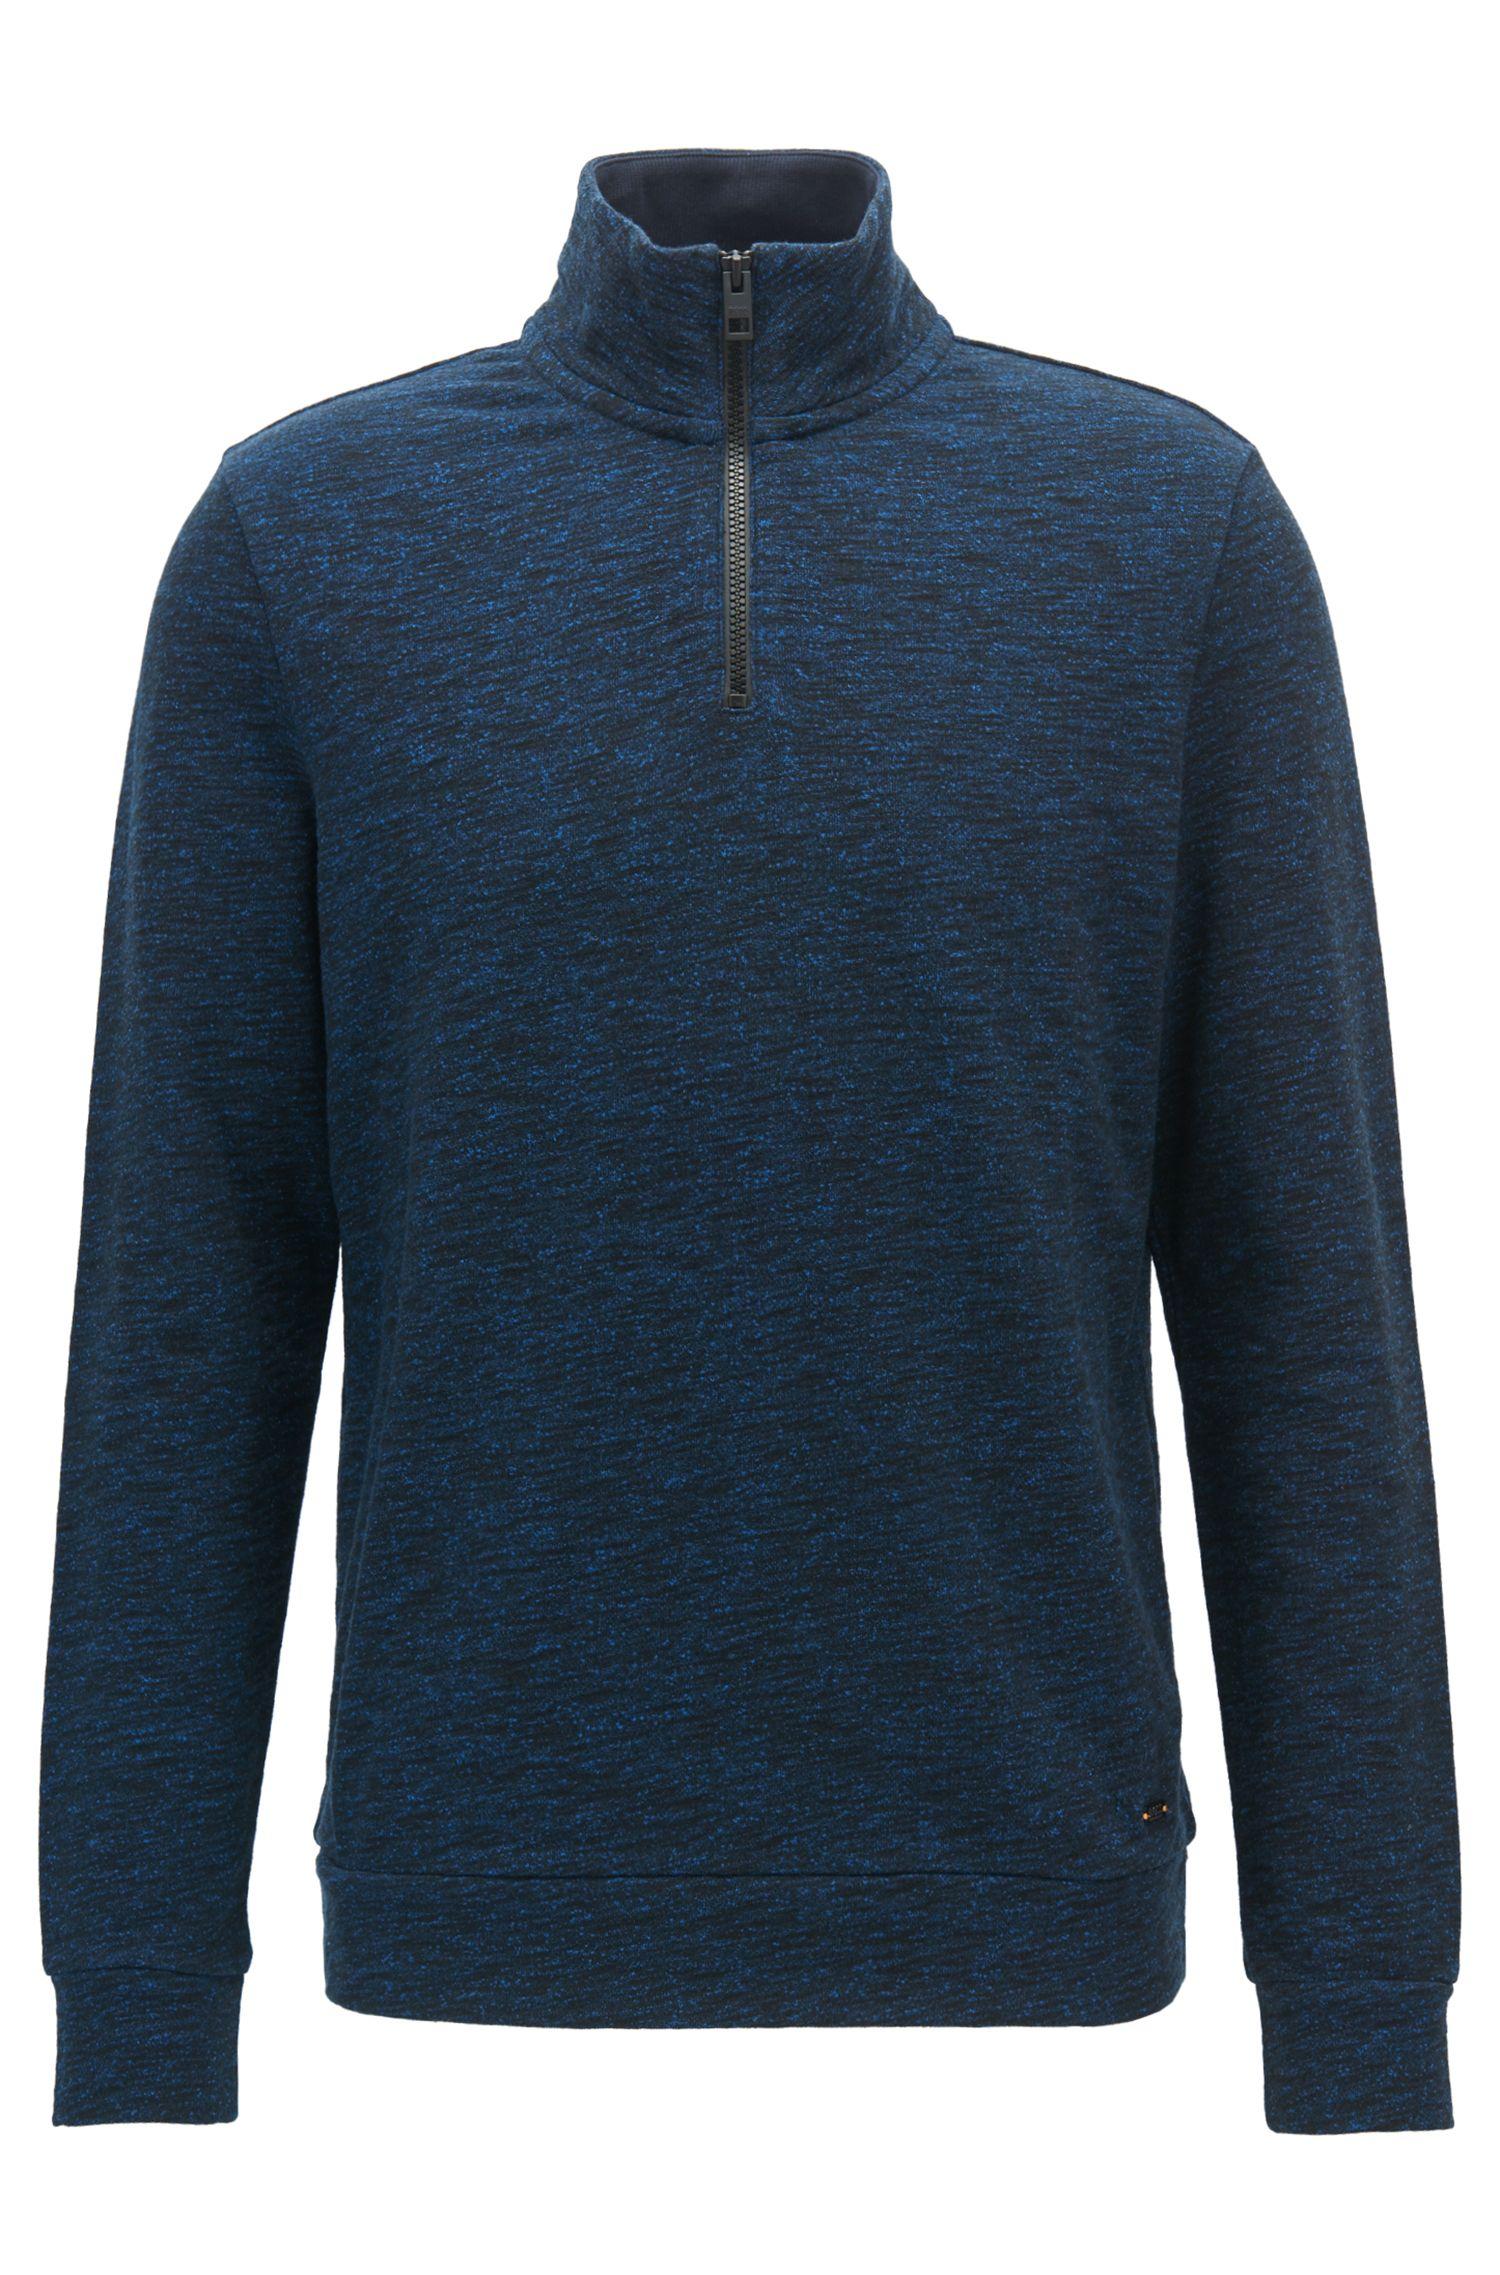 Melierter Pullover aus Baumwoll-Mix mit Troyer-Kragen